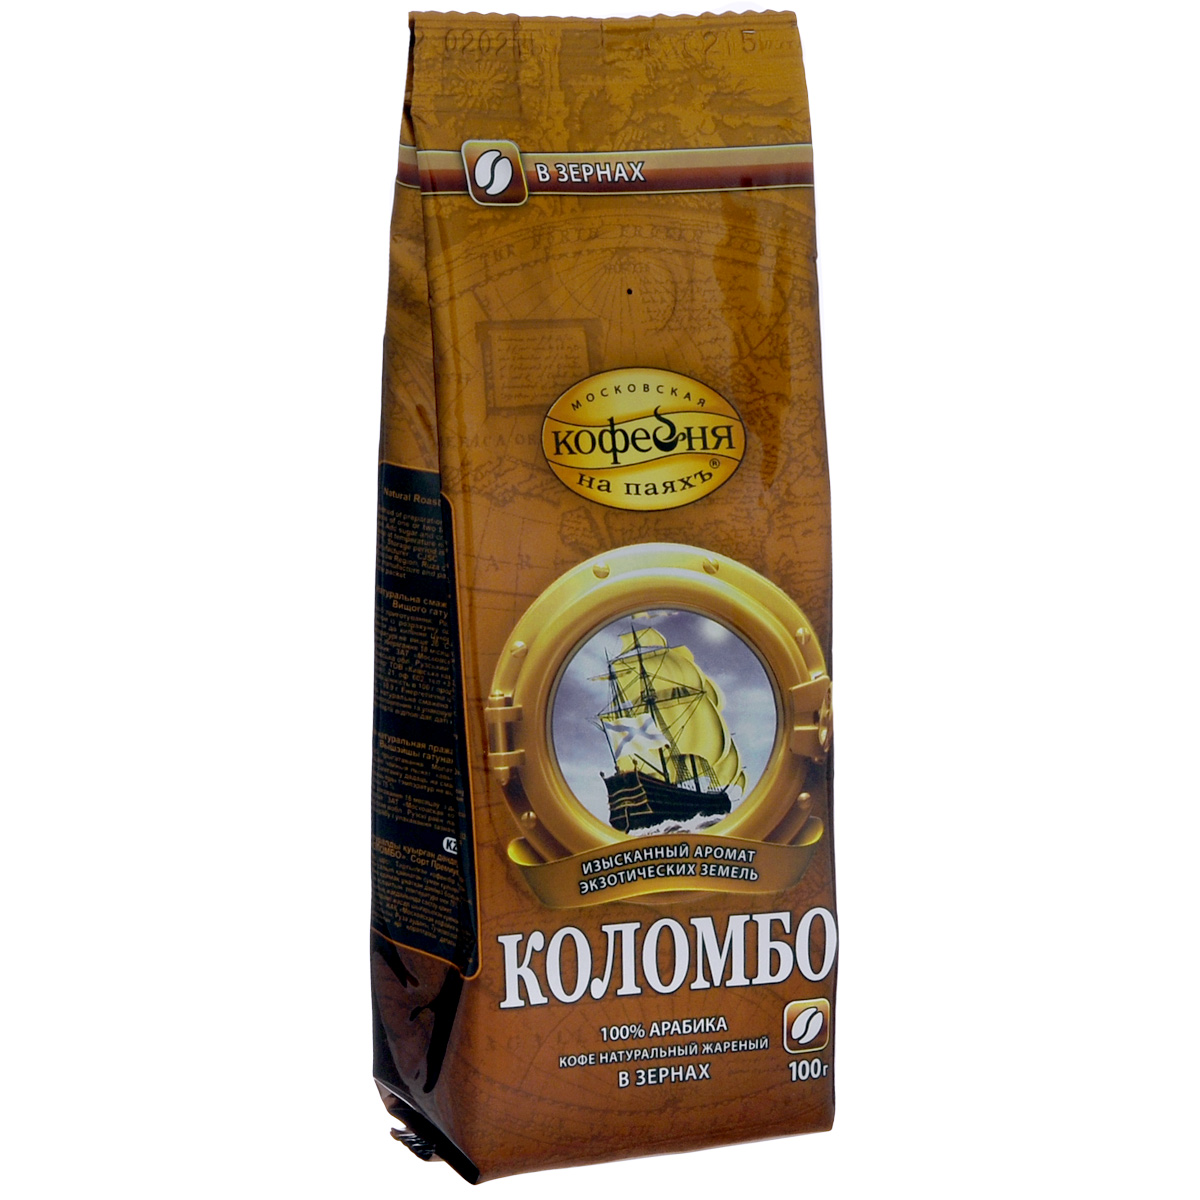 Московская кофейня на паяхъ Коломбо кофе в зернах, 100 г101246Родина кофе - Африка, но только в странах Латинской Америки он нашел свой истинный дом, ведь идеальные условия для возделывания кофейного дерева самой природой созданы именно там.«Коломбо» понравится тем, кто ценит крепкий кофе со сложным, чуть терпким вкусом. Если наша «Арабика» кажется вам слишком мягкой, попробуйте «Коломбо». Это идеально выверенная смесь сортов арабики из Южной и Центральной Америки. А венская обжарка подчеркивает их аромат.